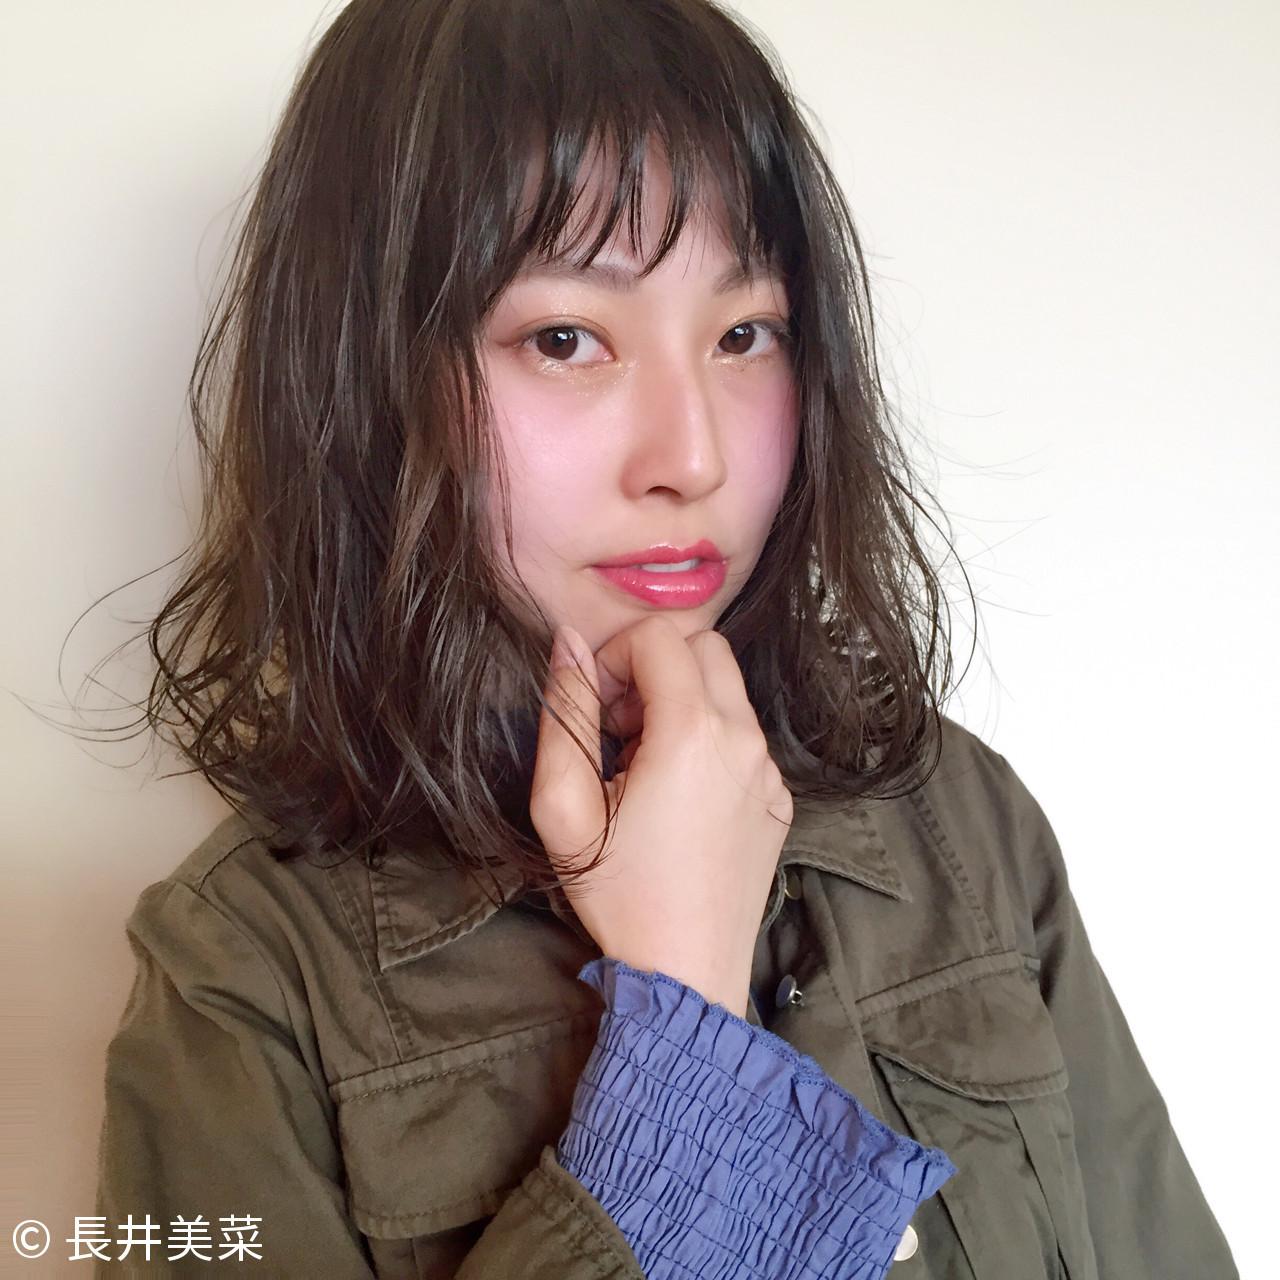 顔周りパーマでアンニュイな大人女性を演出! 長井美菜